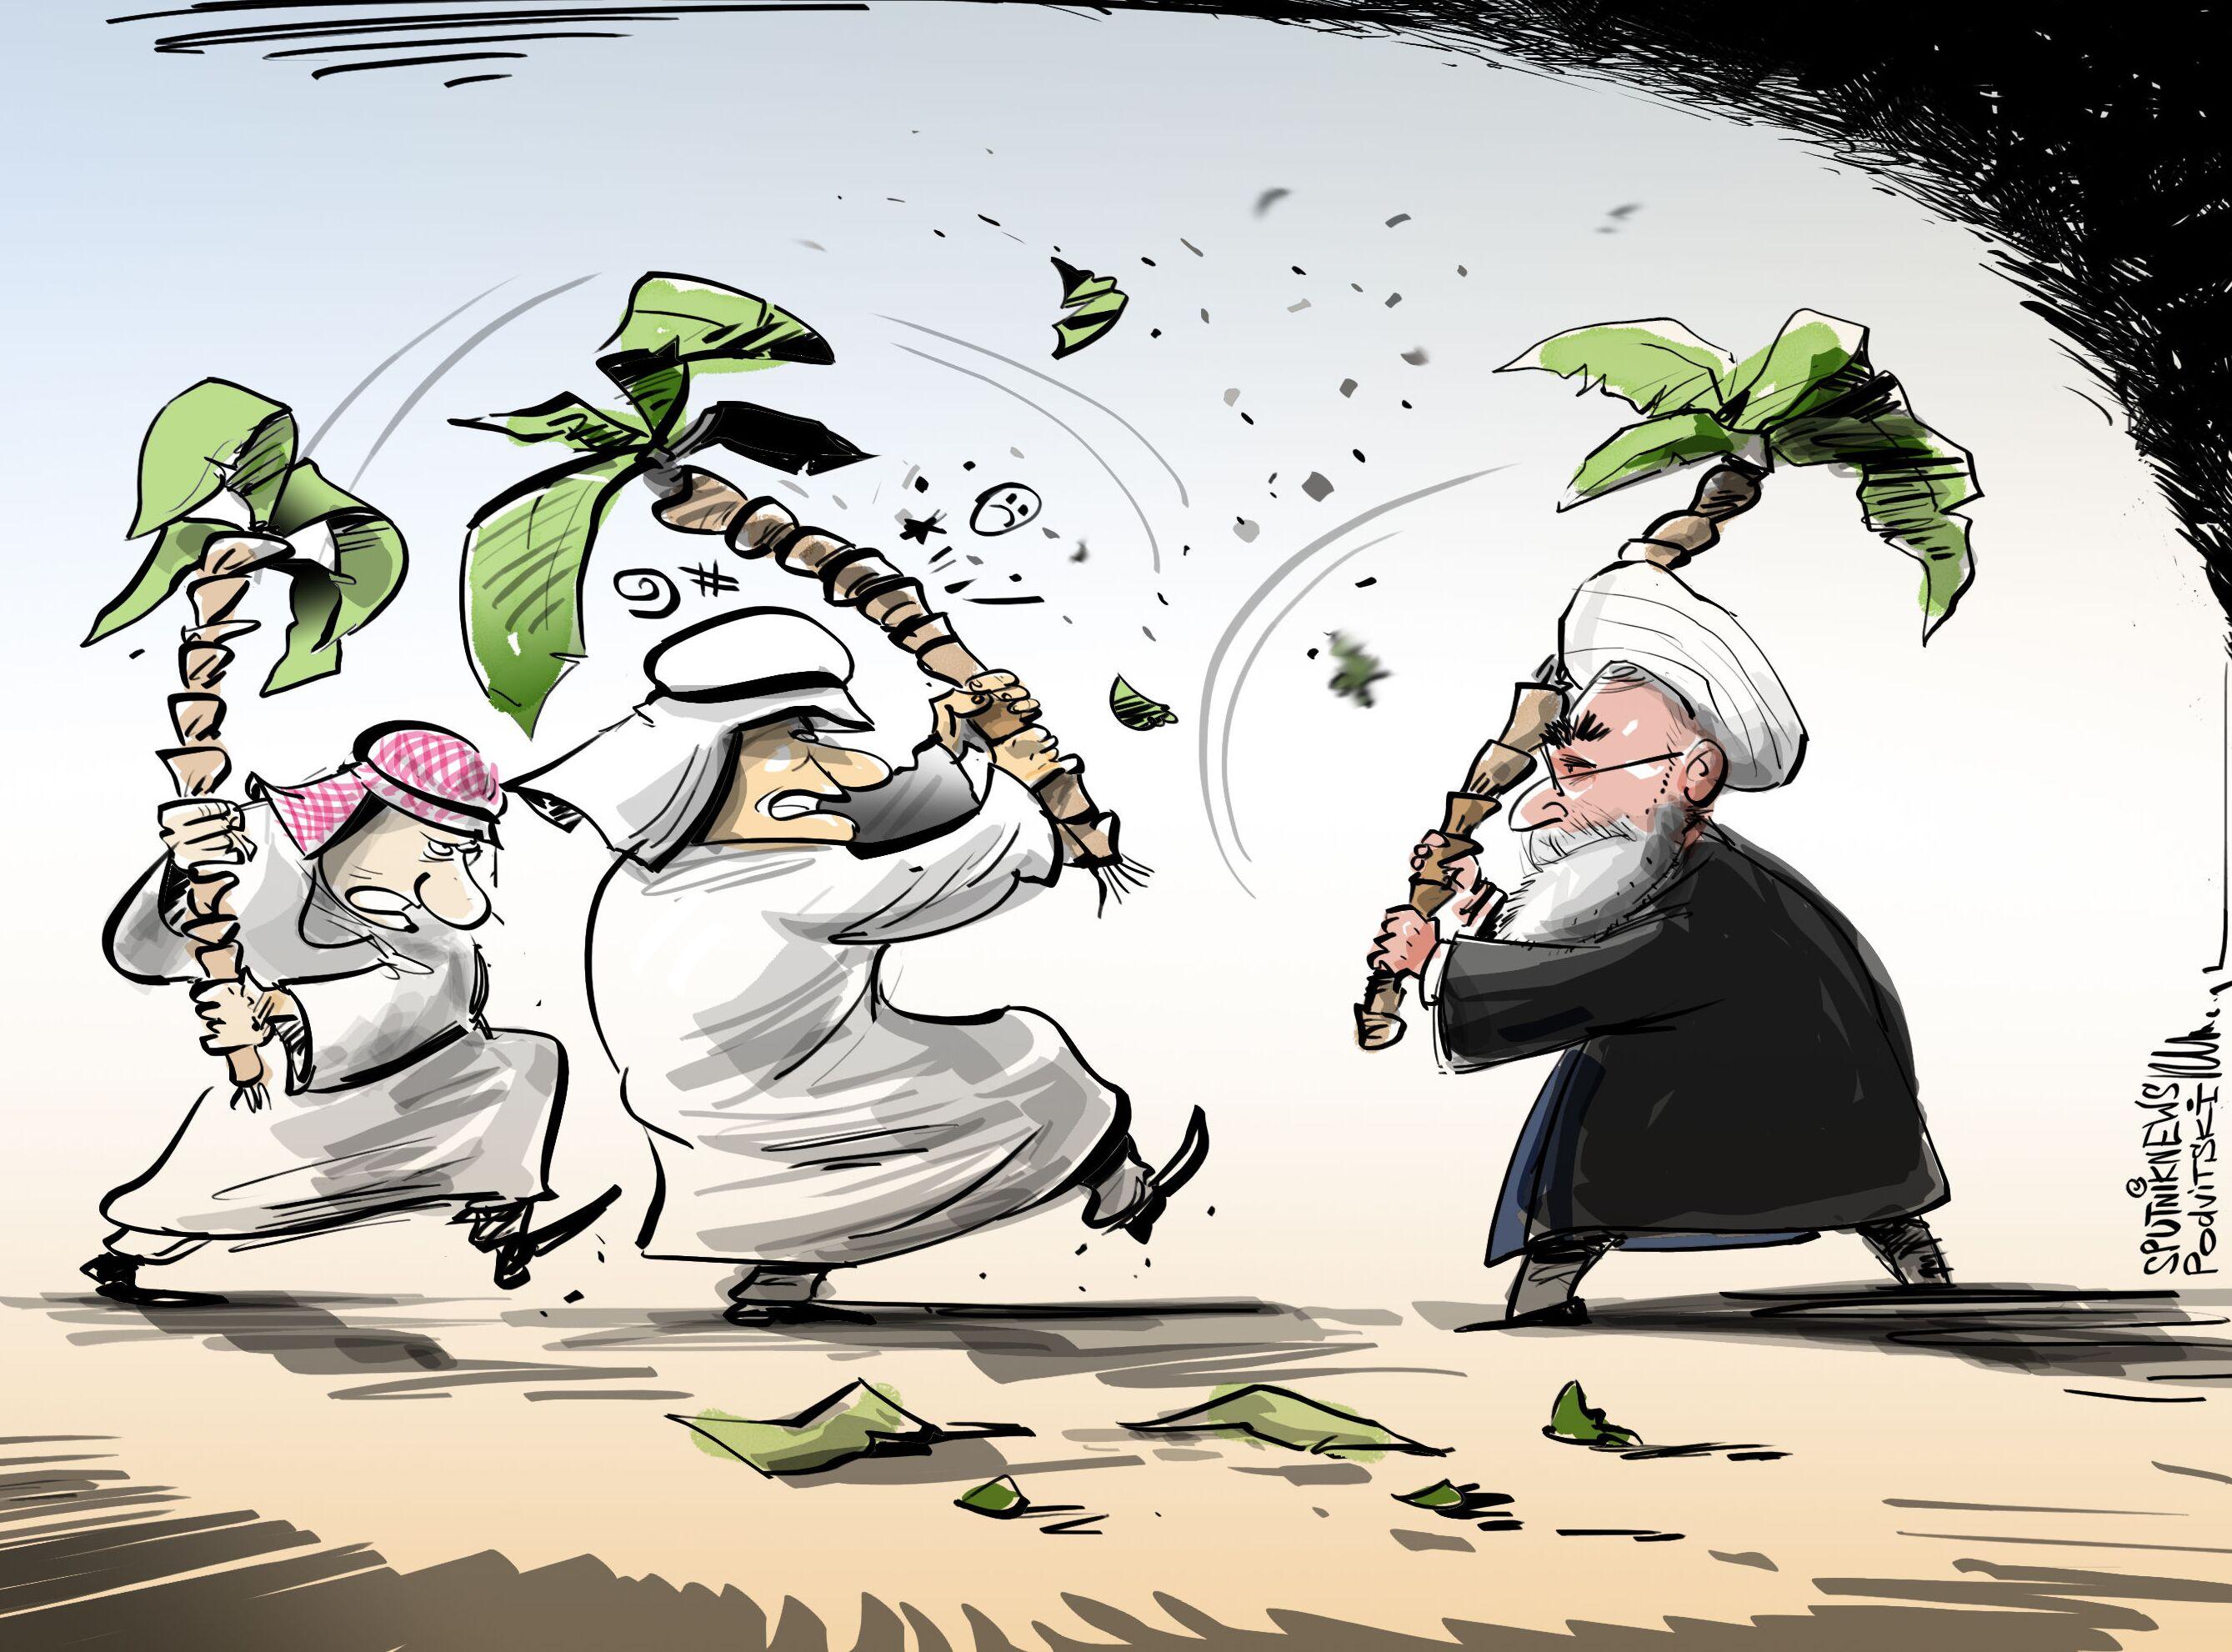 حرب النخيل بين إيران والخليج